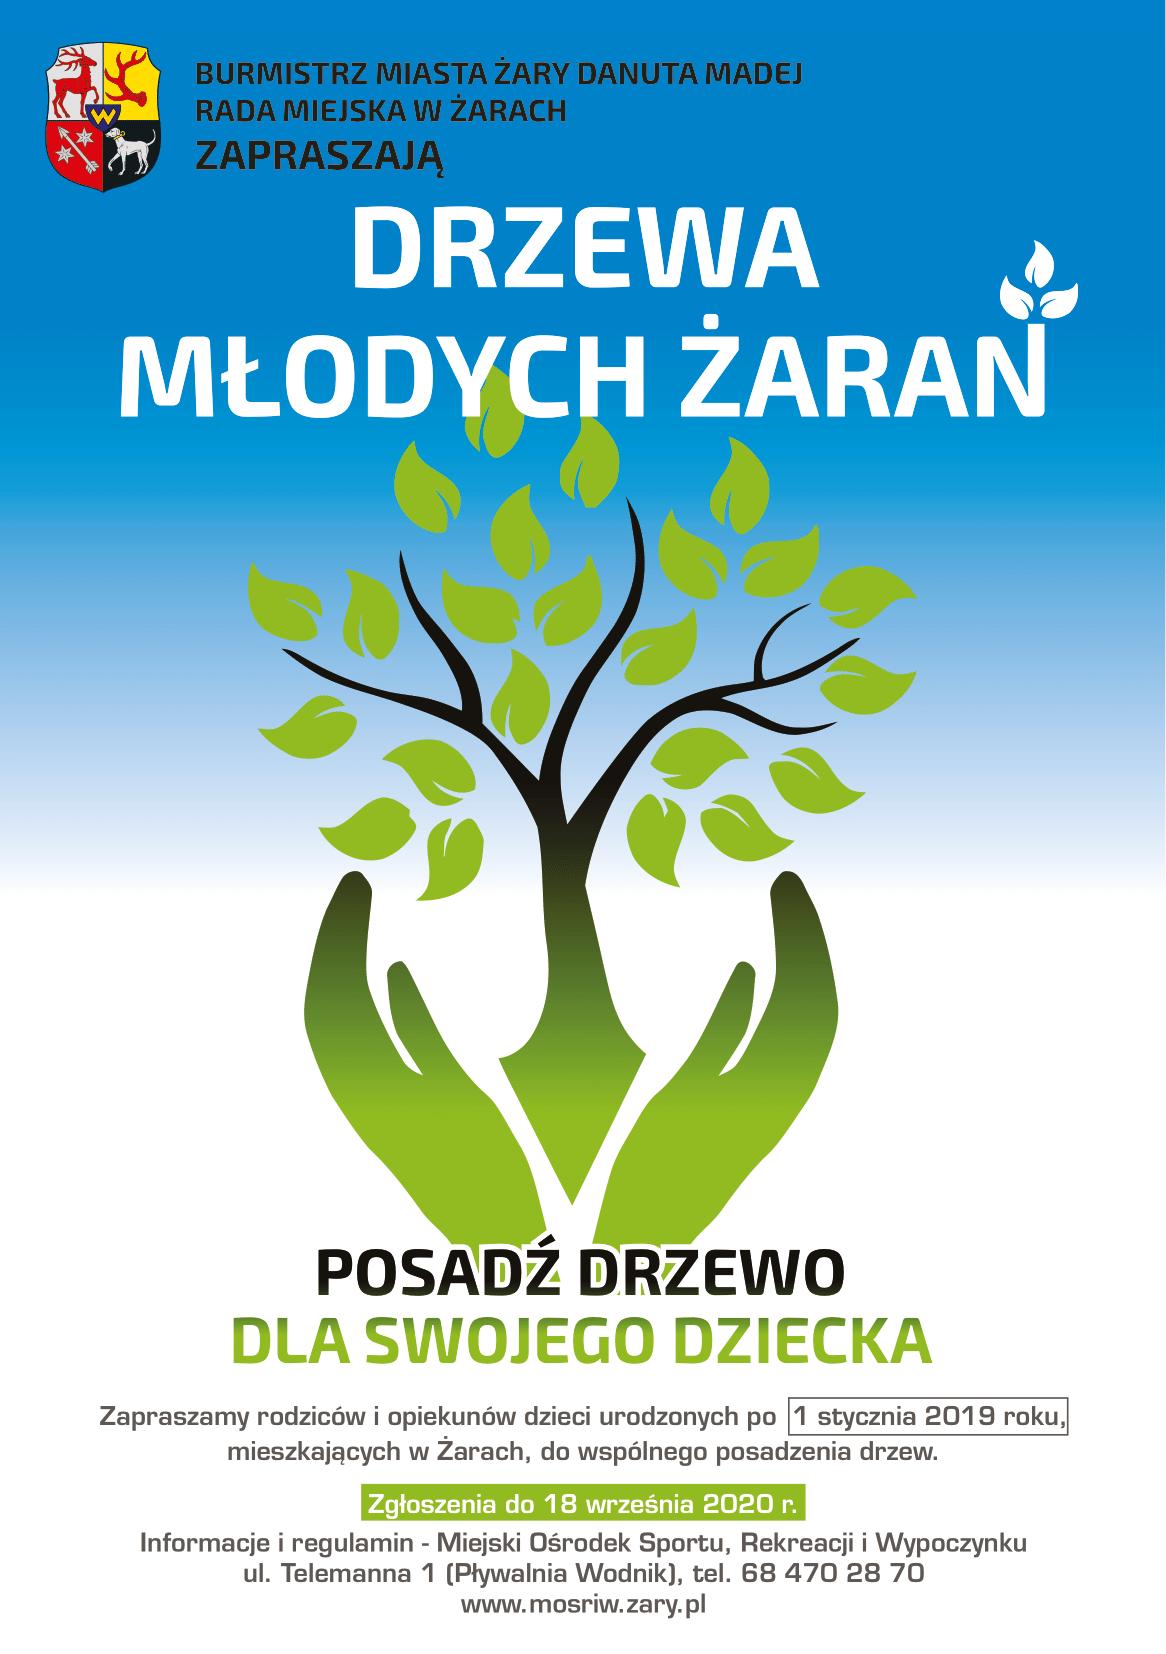 Drzewa Młodych Żaran